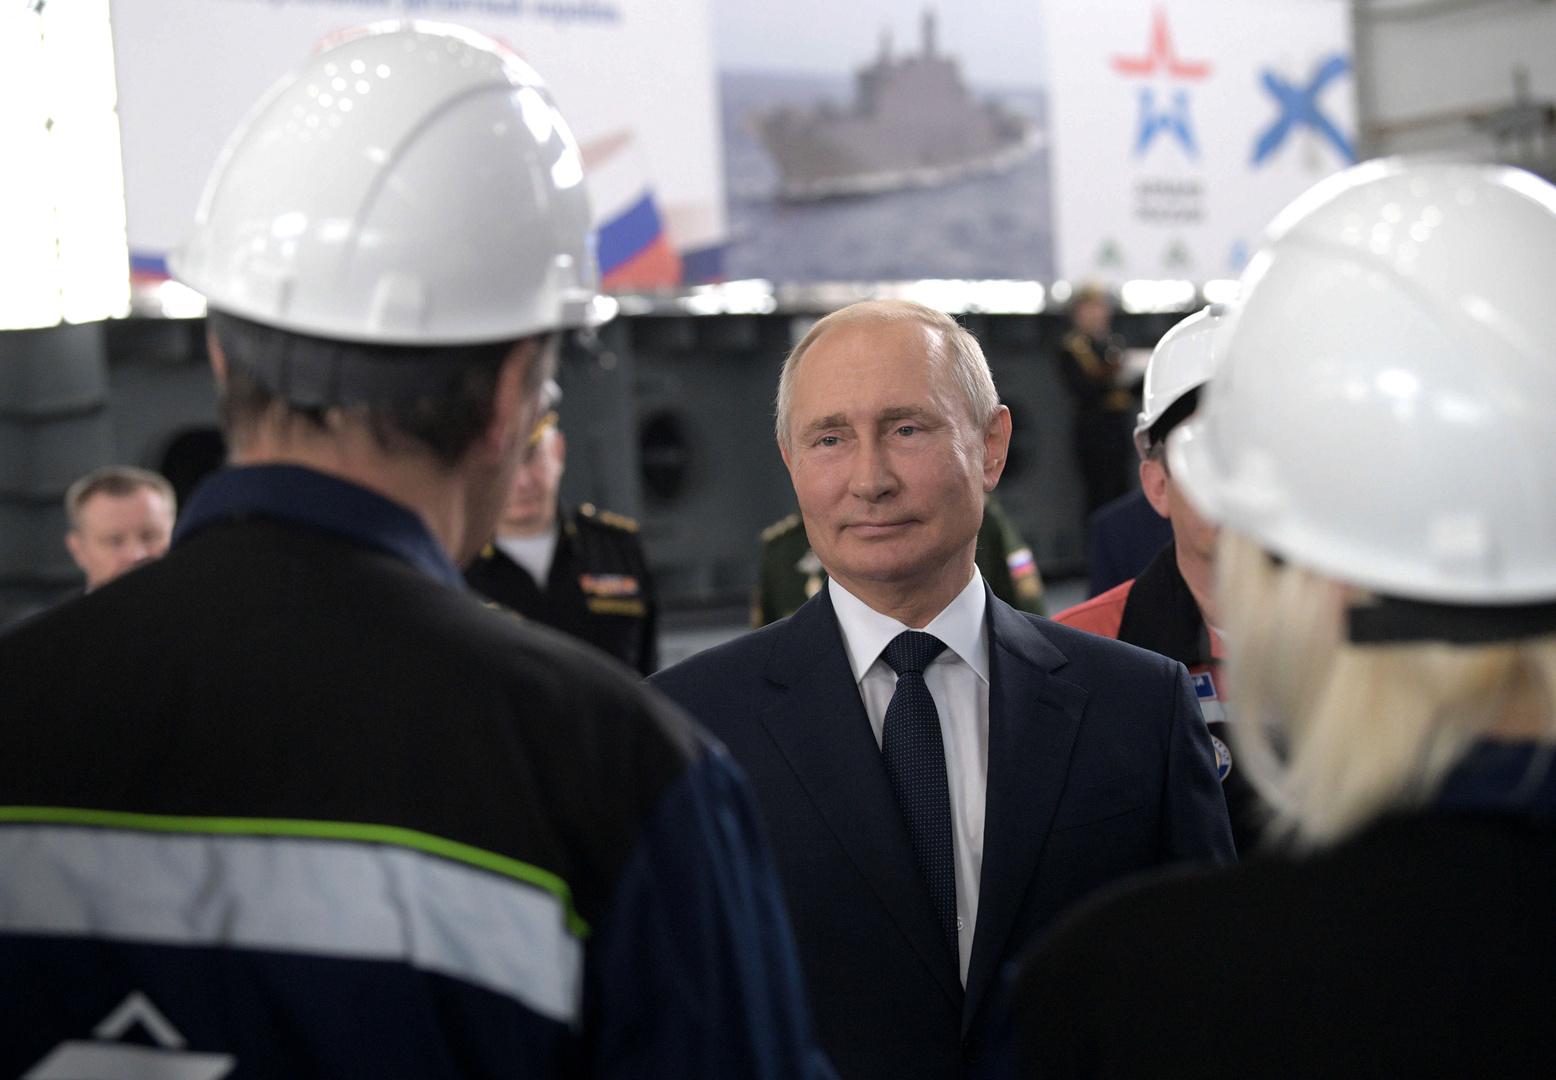 بوتين: معدل الوفيات جراء تفشي كورونا في روسيا أقل بكثير مما تسجله الدول الأخرى